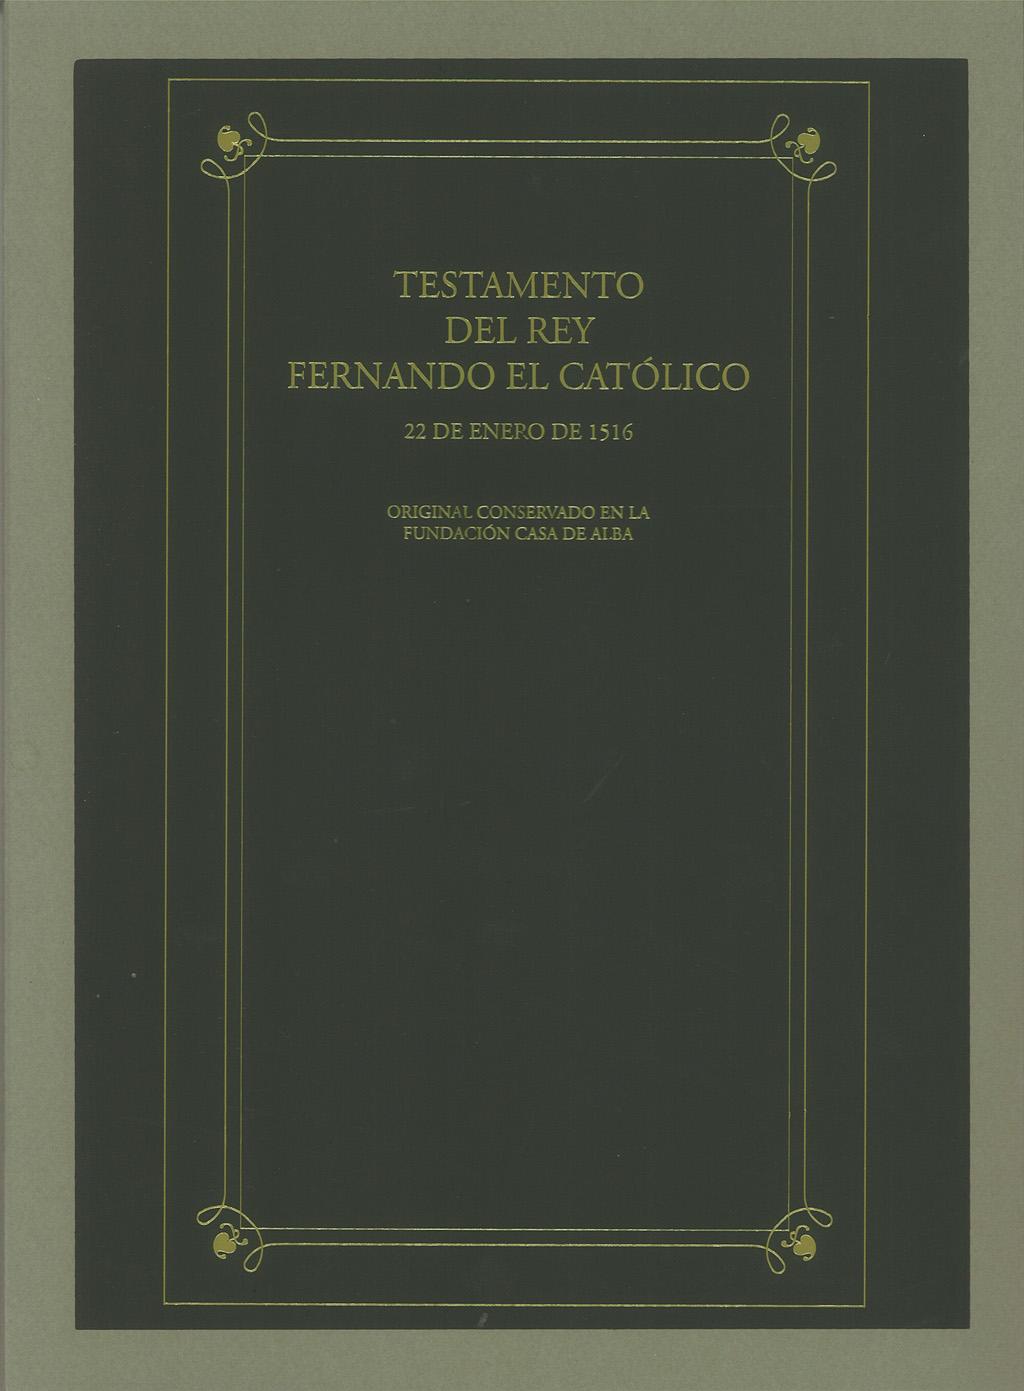 El Ayuntamiento de Madrigalejo, la Junta de Extremadura y la Casa de Alba presentan la nueva edición facsímil del Testamento de Fernando El Católico